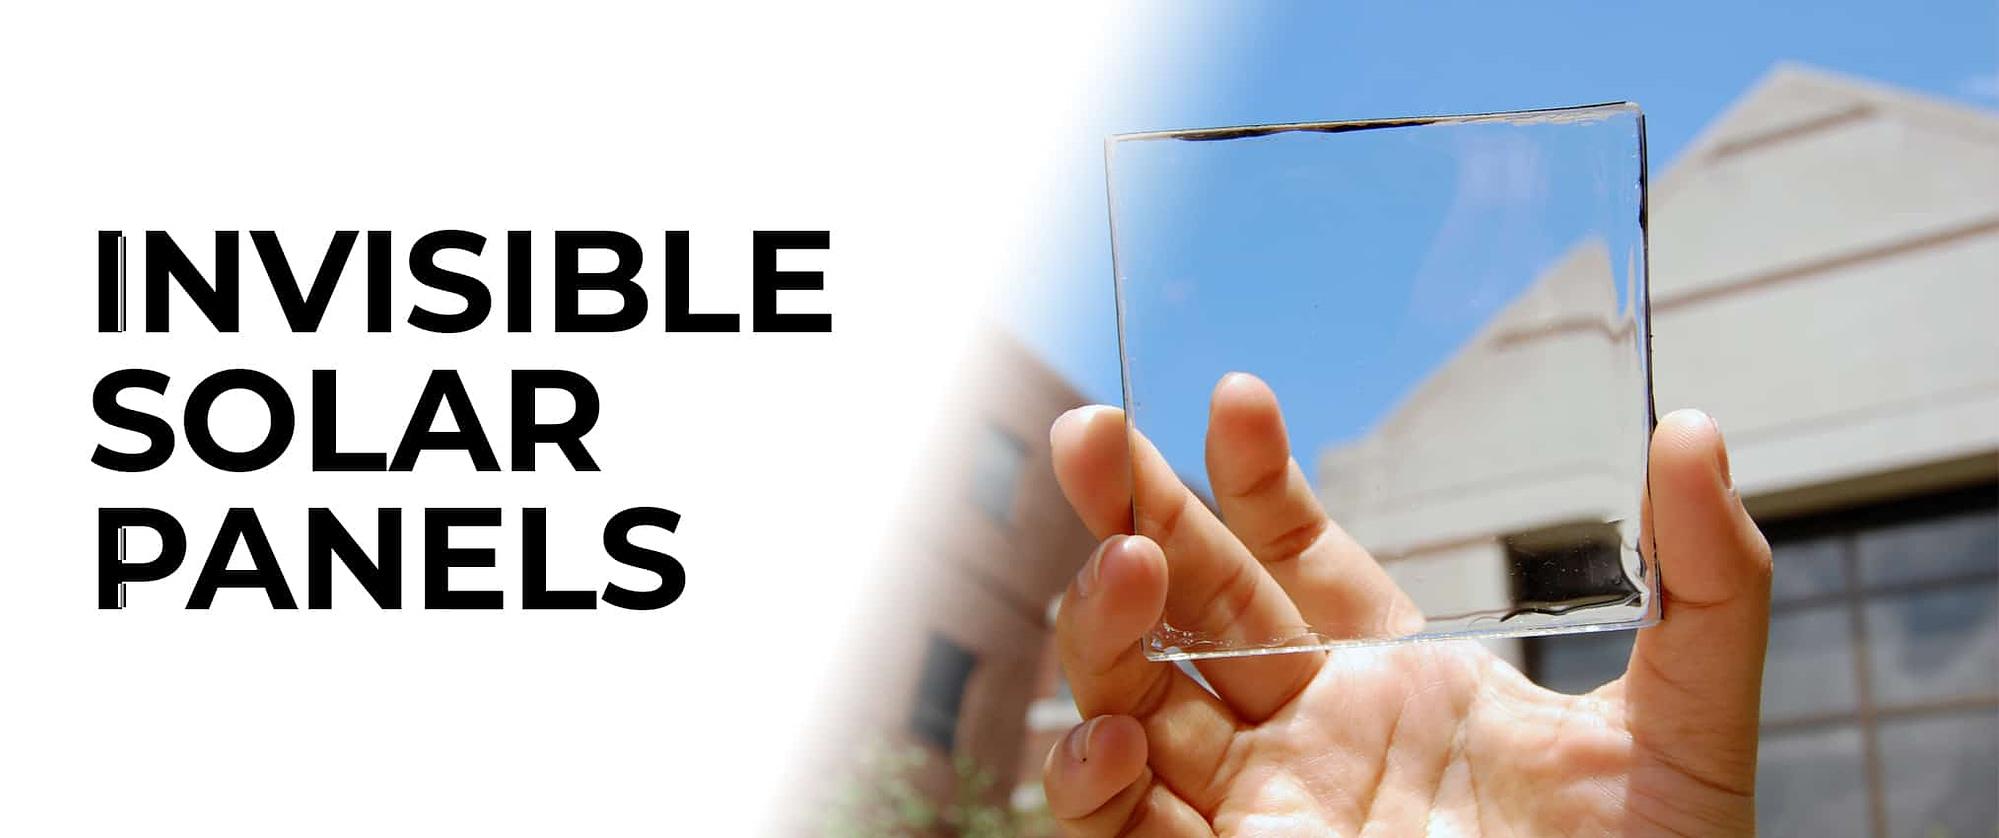 Invisible solar panel